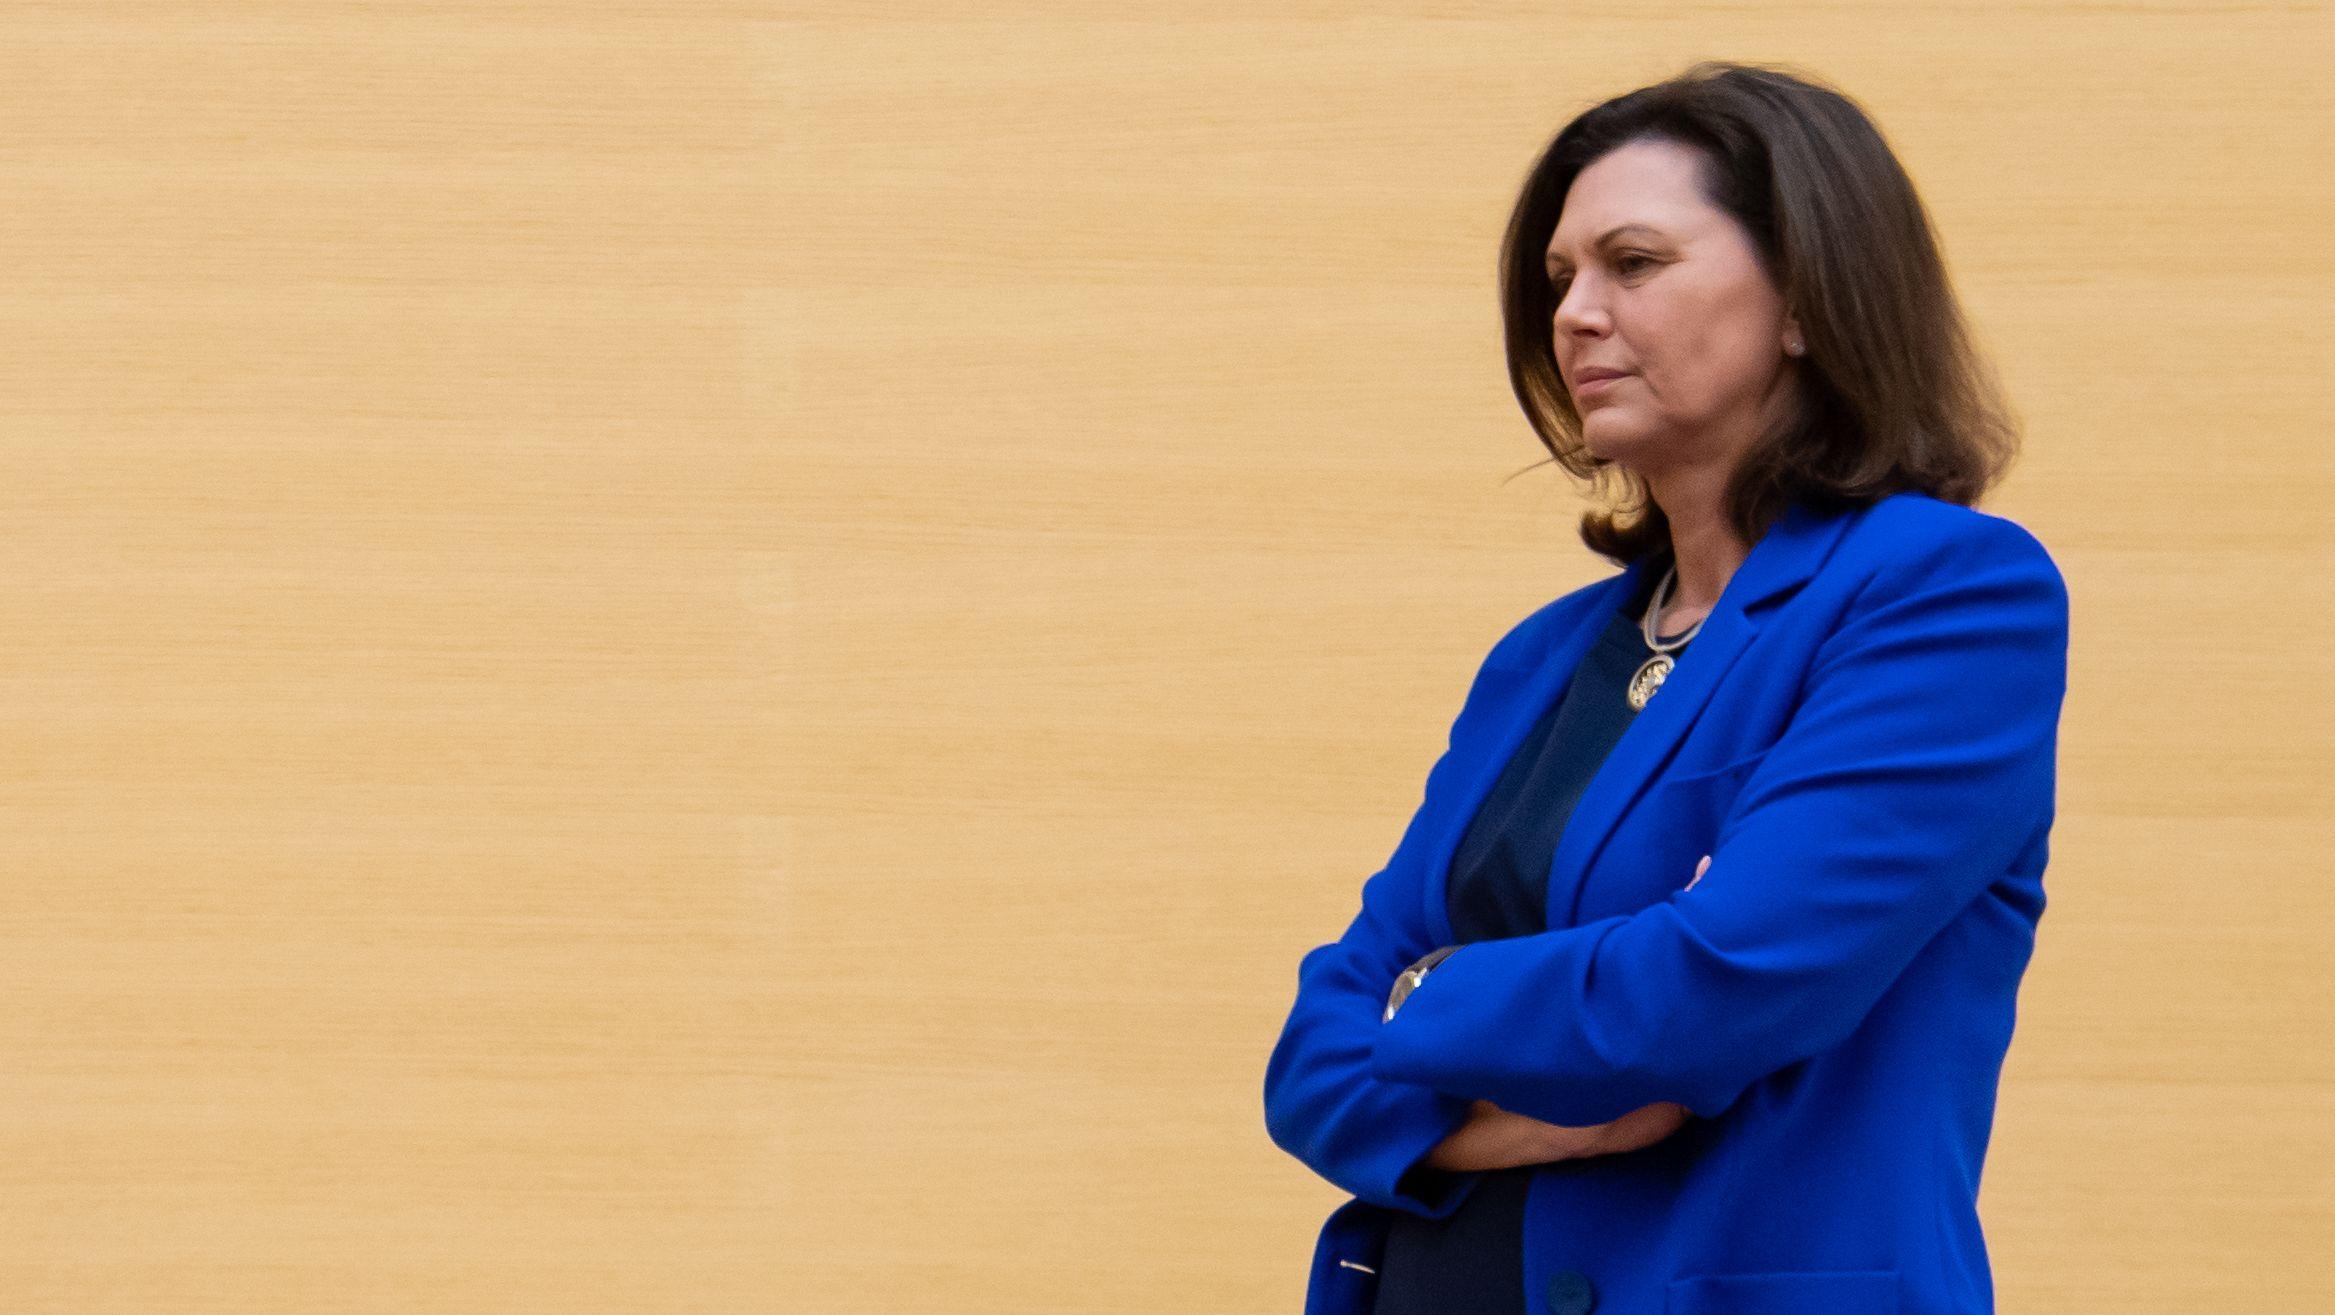 Landtagspräsidentin Ilse Aigner (CDU) im März im bayerischen Landtag.